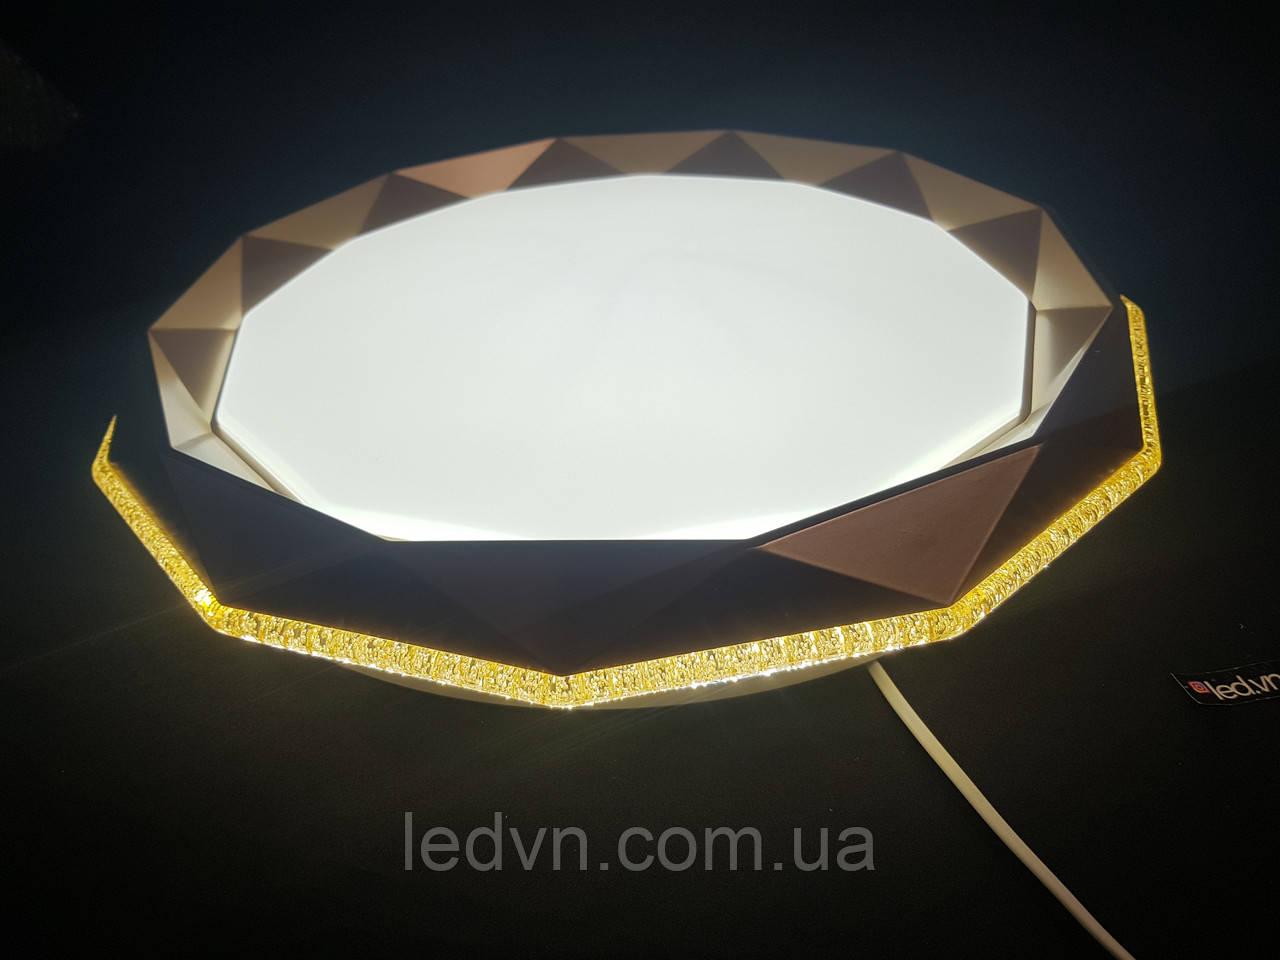 Потолочный светодиодный светильник золото 50 ватт